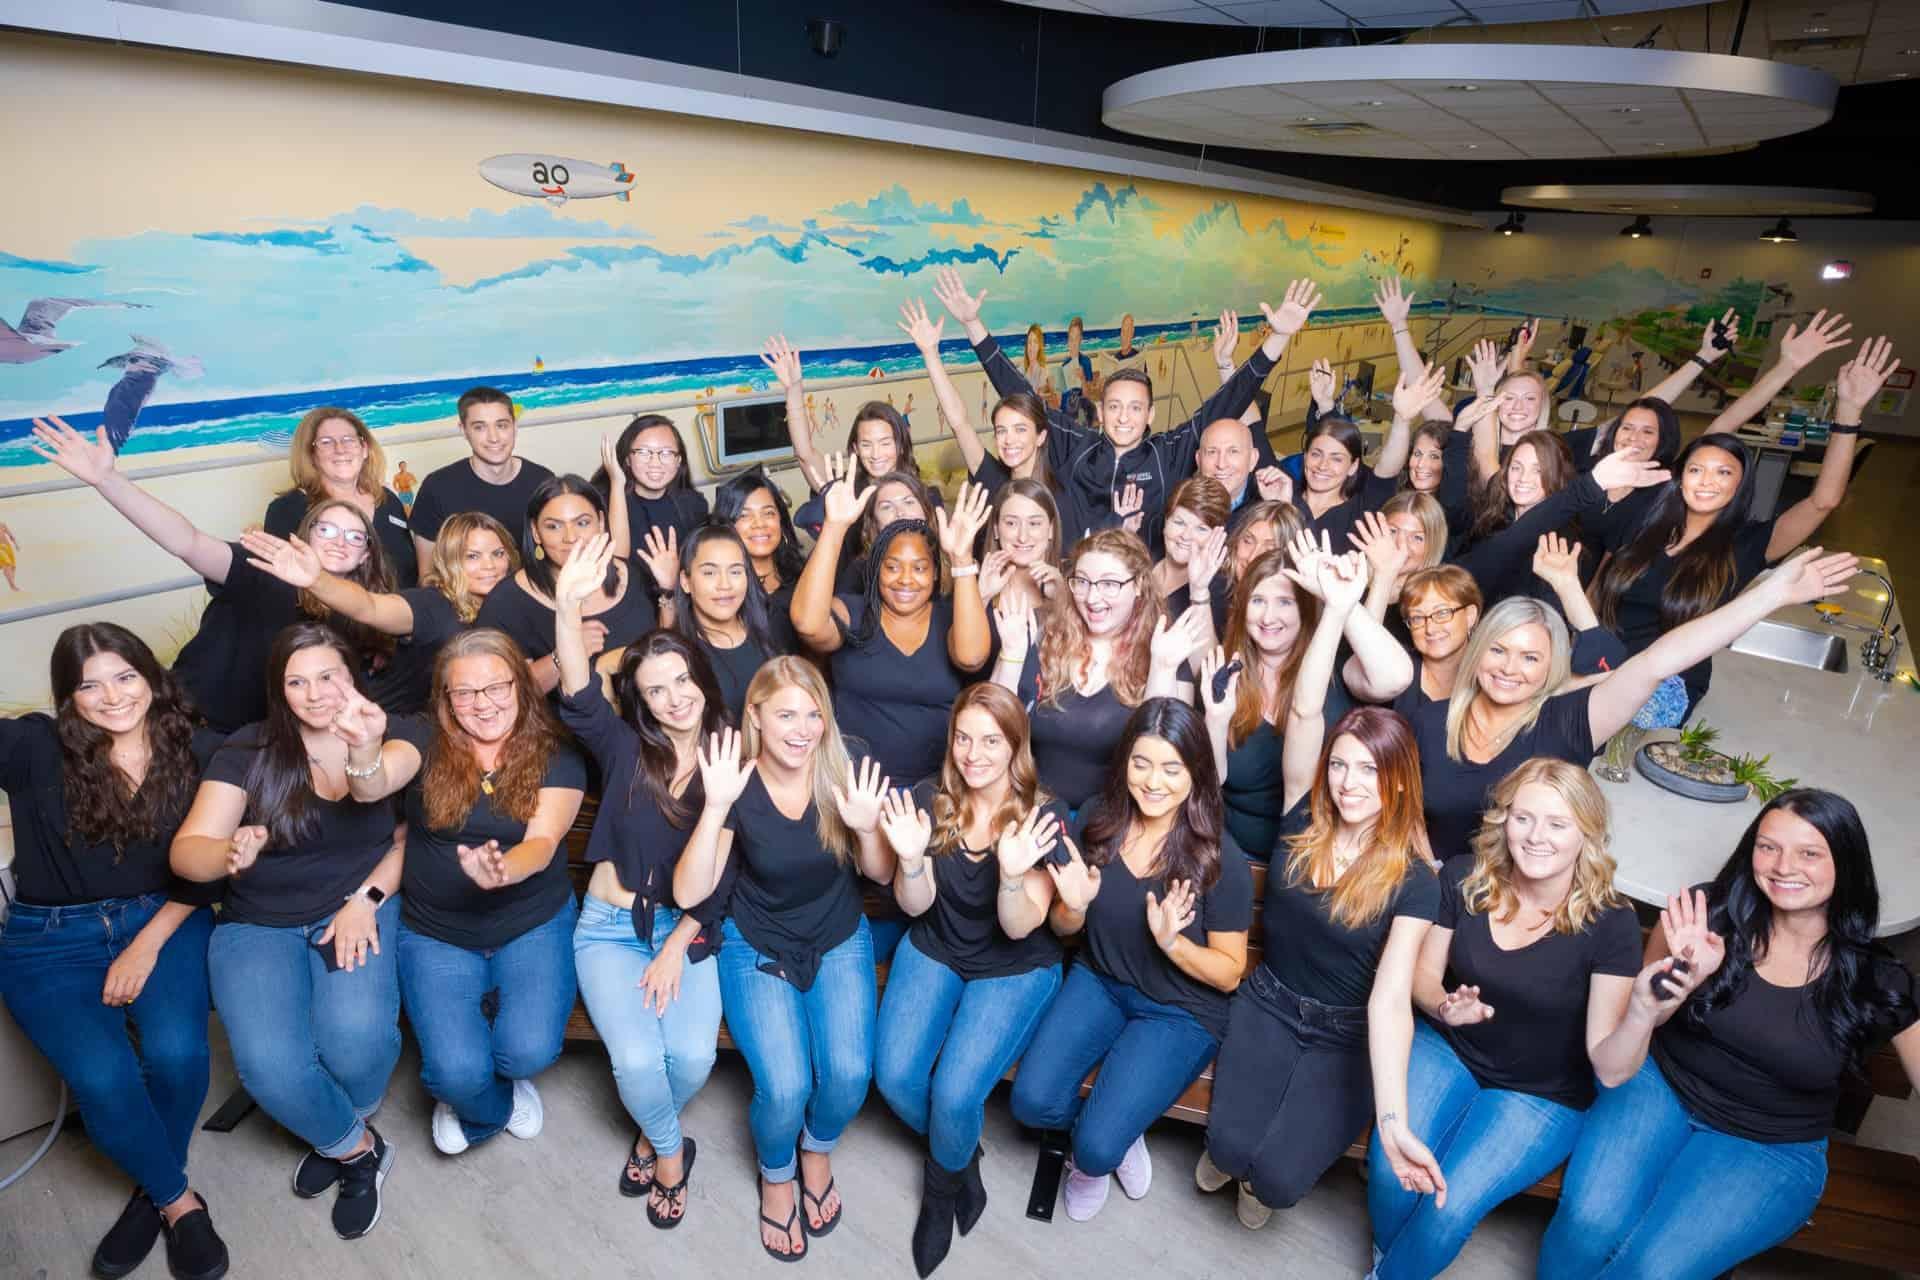 Appel Orthodontics Philadelphia Orthodontist Team Group 9 - Meet the Appel Orthodontics Team